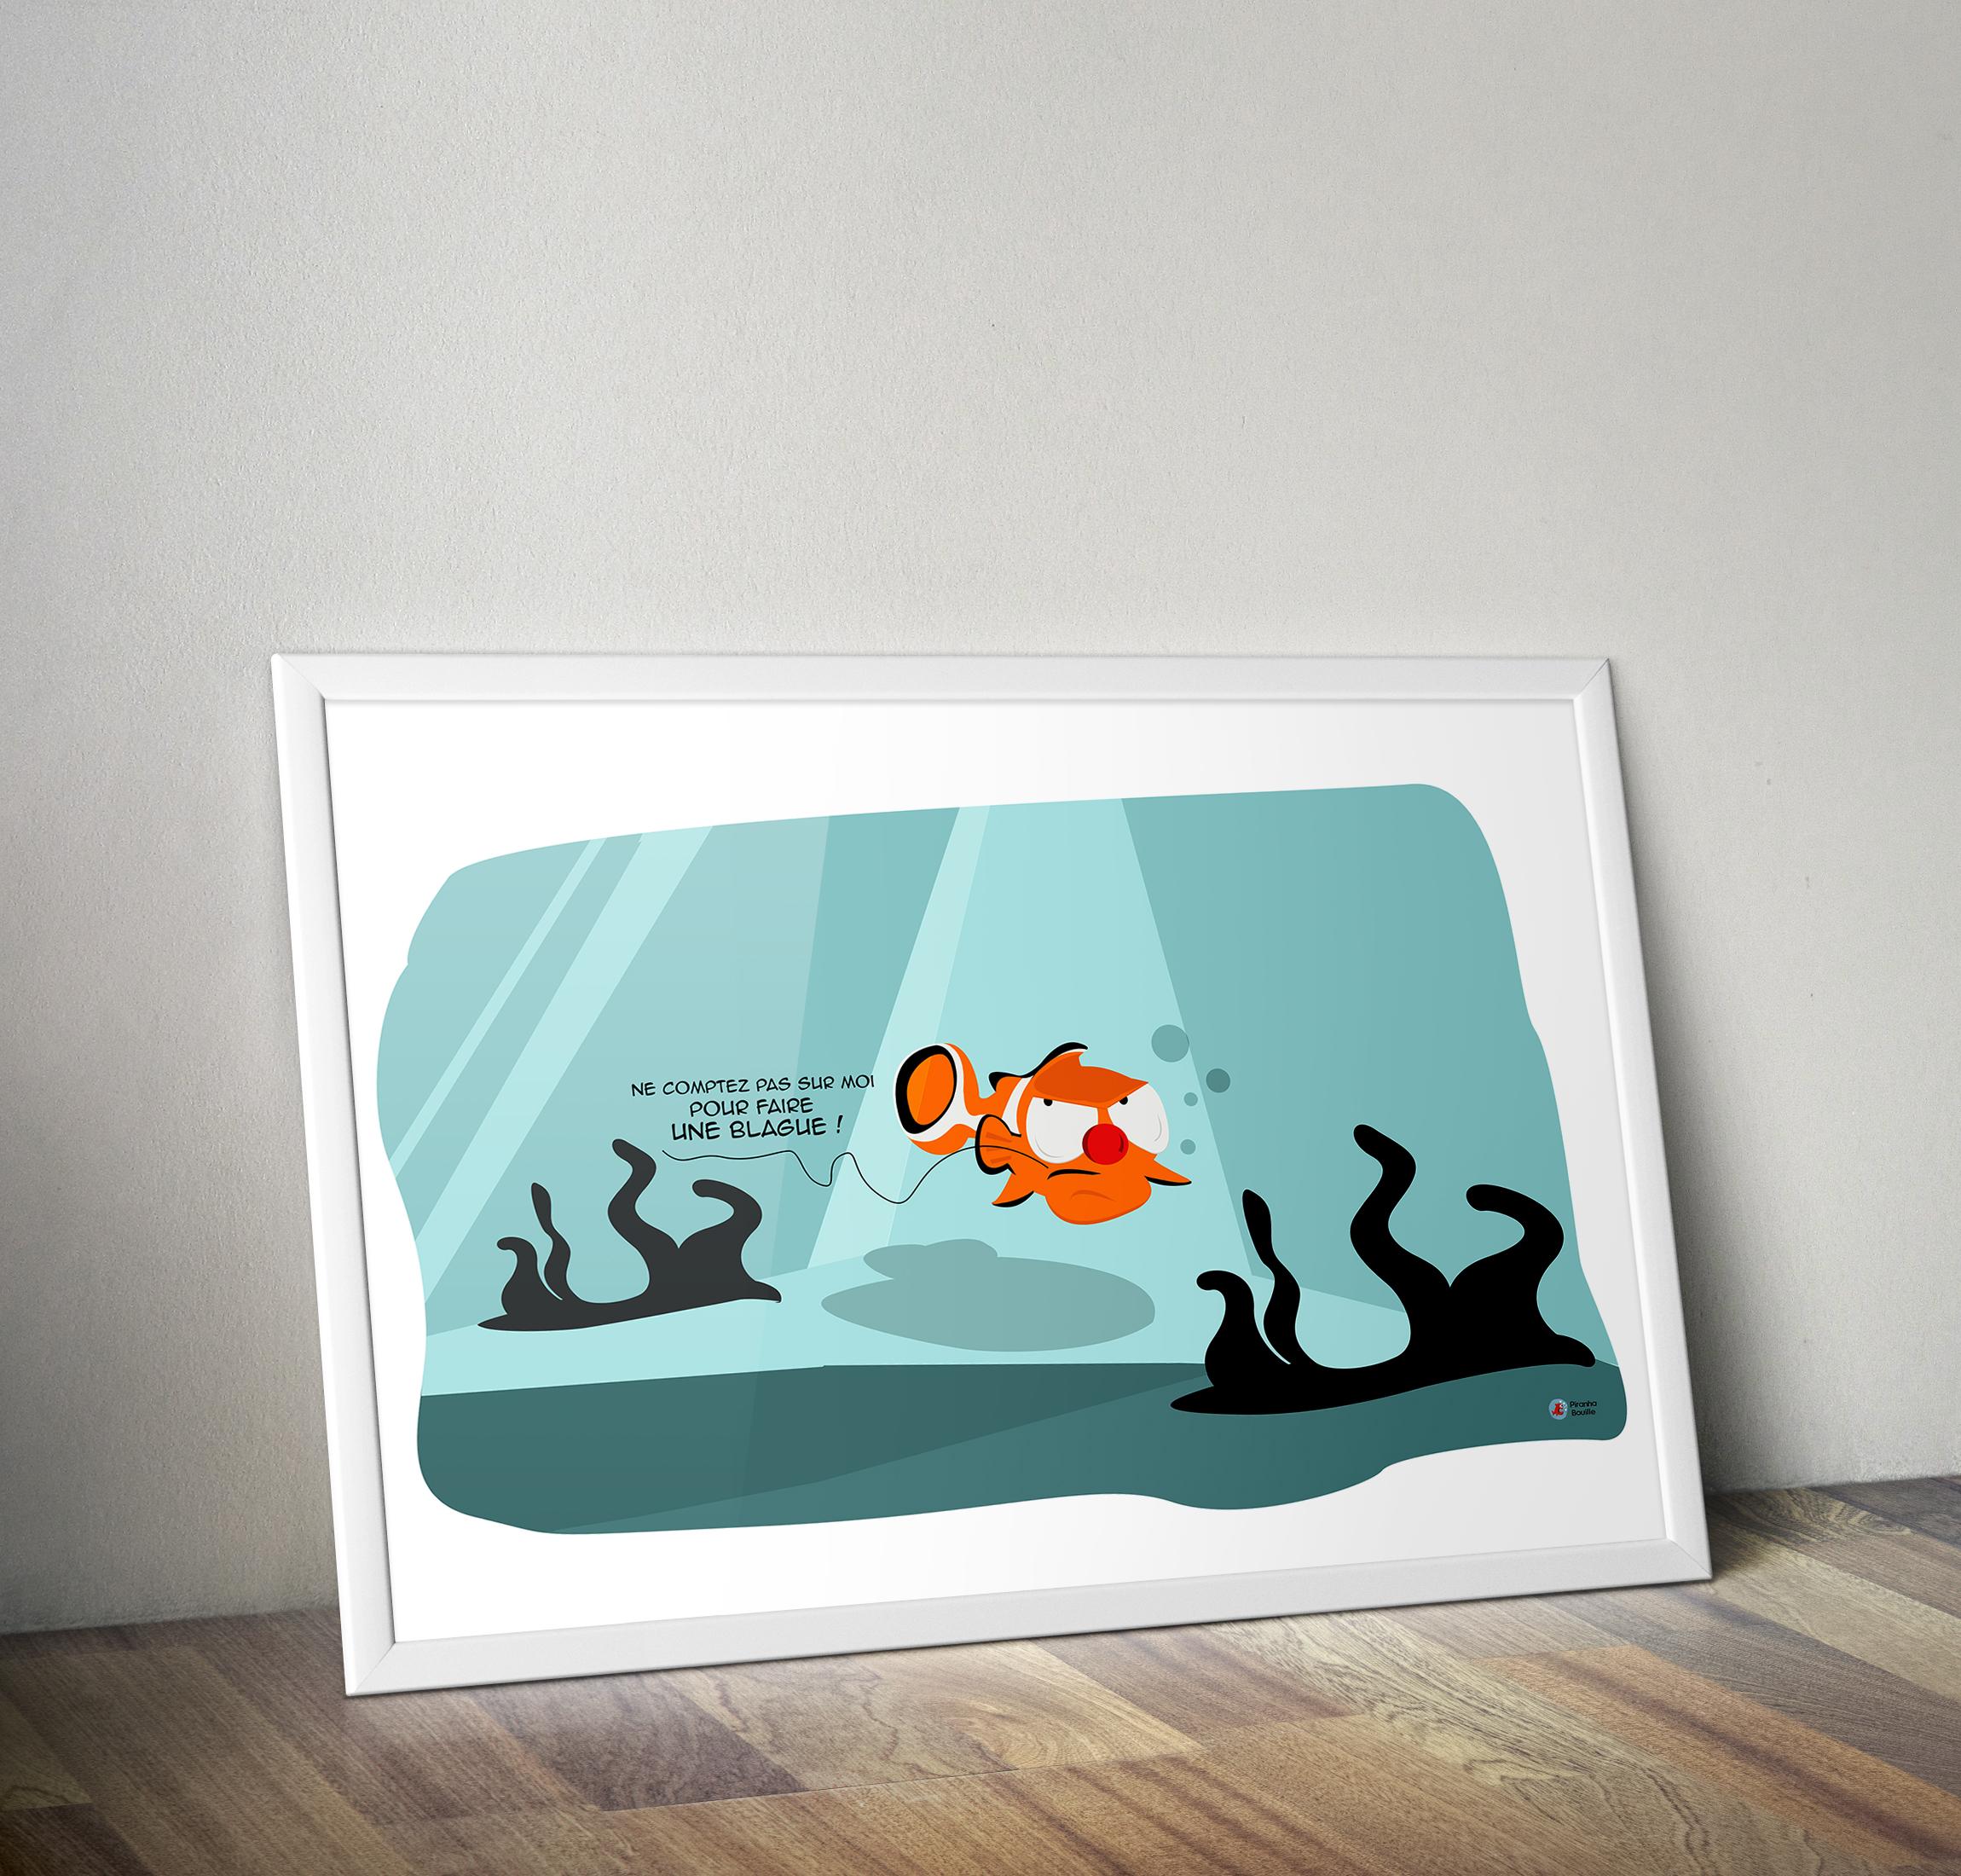 Tirage d'art Illustré par Piranha Bouille